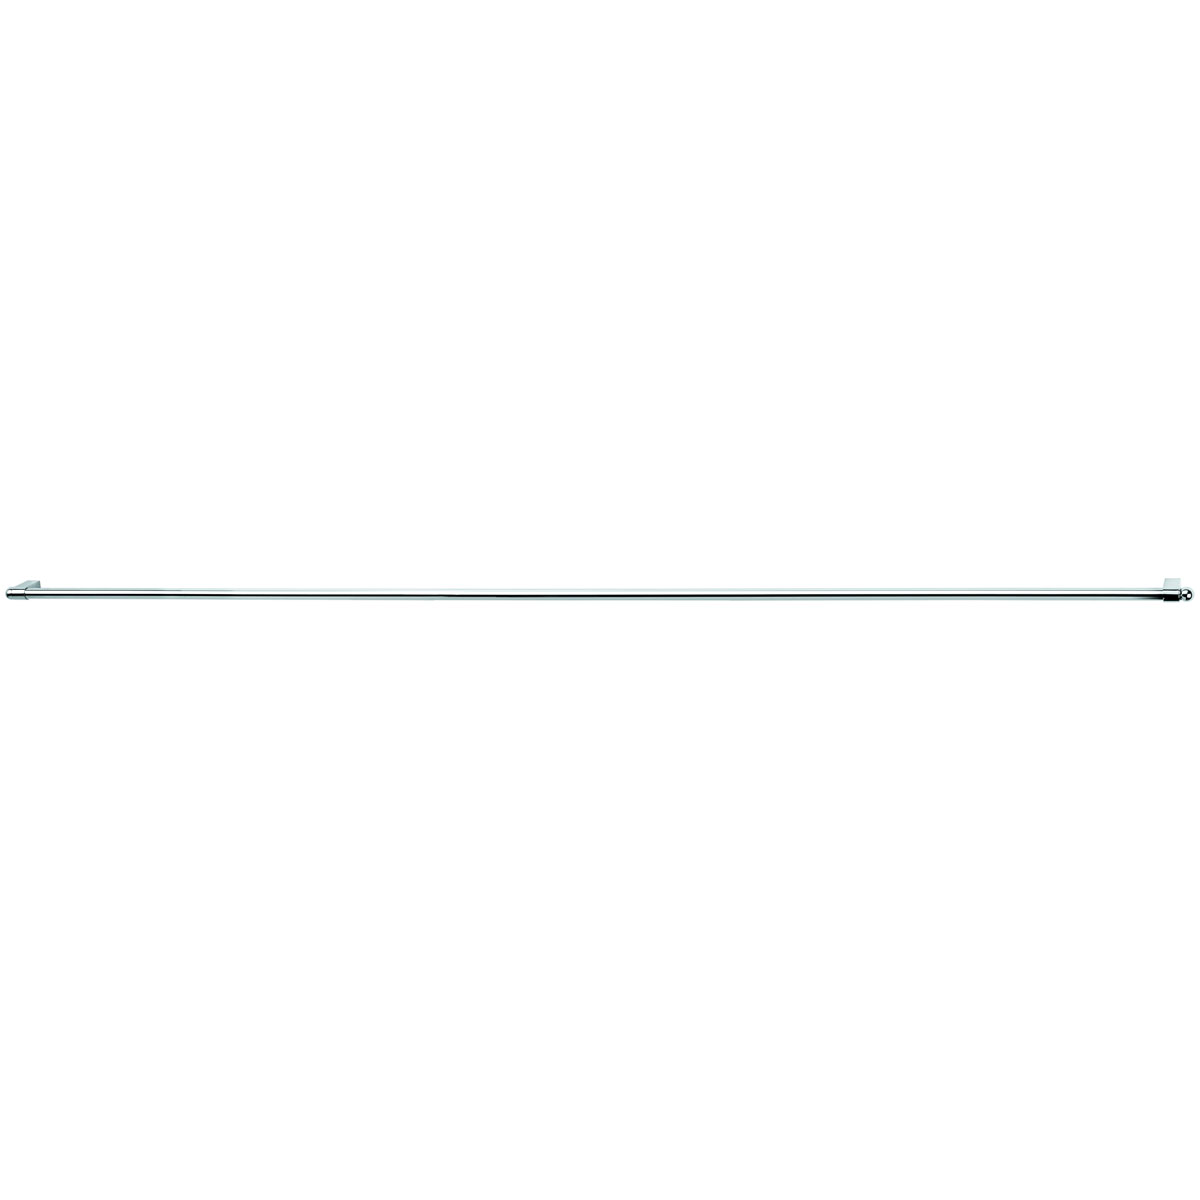 Рейлинг Esprado Platinos, с комплектом крепежа, 60 см93-TR-07-01Рейлинг Esprado Platinos изготовлен из стали с никель-хромовым покрытием. Для более длительного срока службы изделия поверх никель-хромового слоя дополнительно нанесено инновационное покрытие CHR20. Оно разработано на основе твердых смол, является абсолютно безопасным и гарантирует защиту от коррозии, сохраняя внешний вид изделия и блеск как в день покупки. Обычное покрытие из хрома составляет 12-15 микрон. Покрытие Esprado, помимо основного слоя в 15 микрон, имеет дополнительное покрытие CHR20, которое увеличивает его толщину до 20 микрон.Комплект крепежа (2 заглушки, 2 держателя) - в комплекте.Держать все под рукой, удобно и доступно размещать необходимые в повседневной жизни аксессуары, освобождать рабочие поверхности - основное предназначение изделий Esprado. Многоступенчатый контроль производства продукции Esprado включает систему тестов, направленную не только на проверку материалов для изготовления продукции, но и на соответствие продукции предполагаемым нагрузкам, прочности покрытия и надежности конструкции в целом.